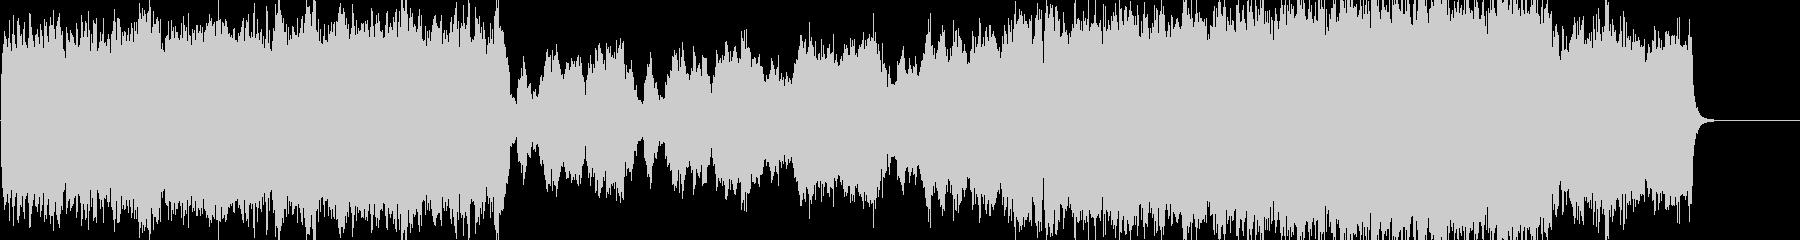 ストリングスが上品で感動的なクラシックの未再生の波形